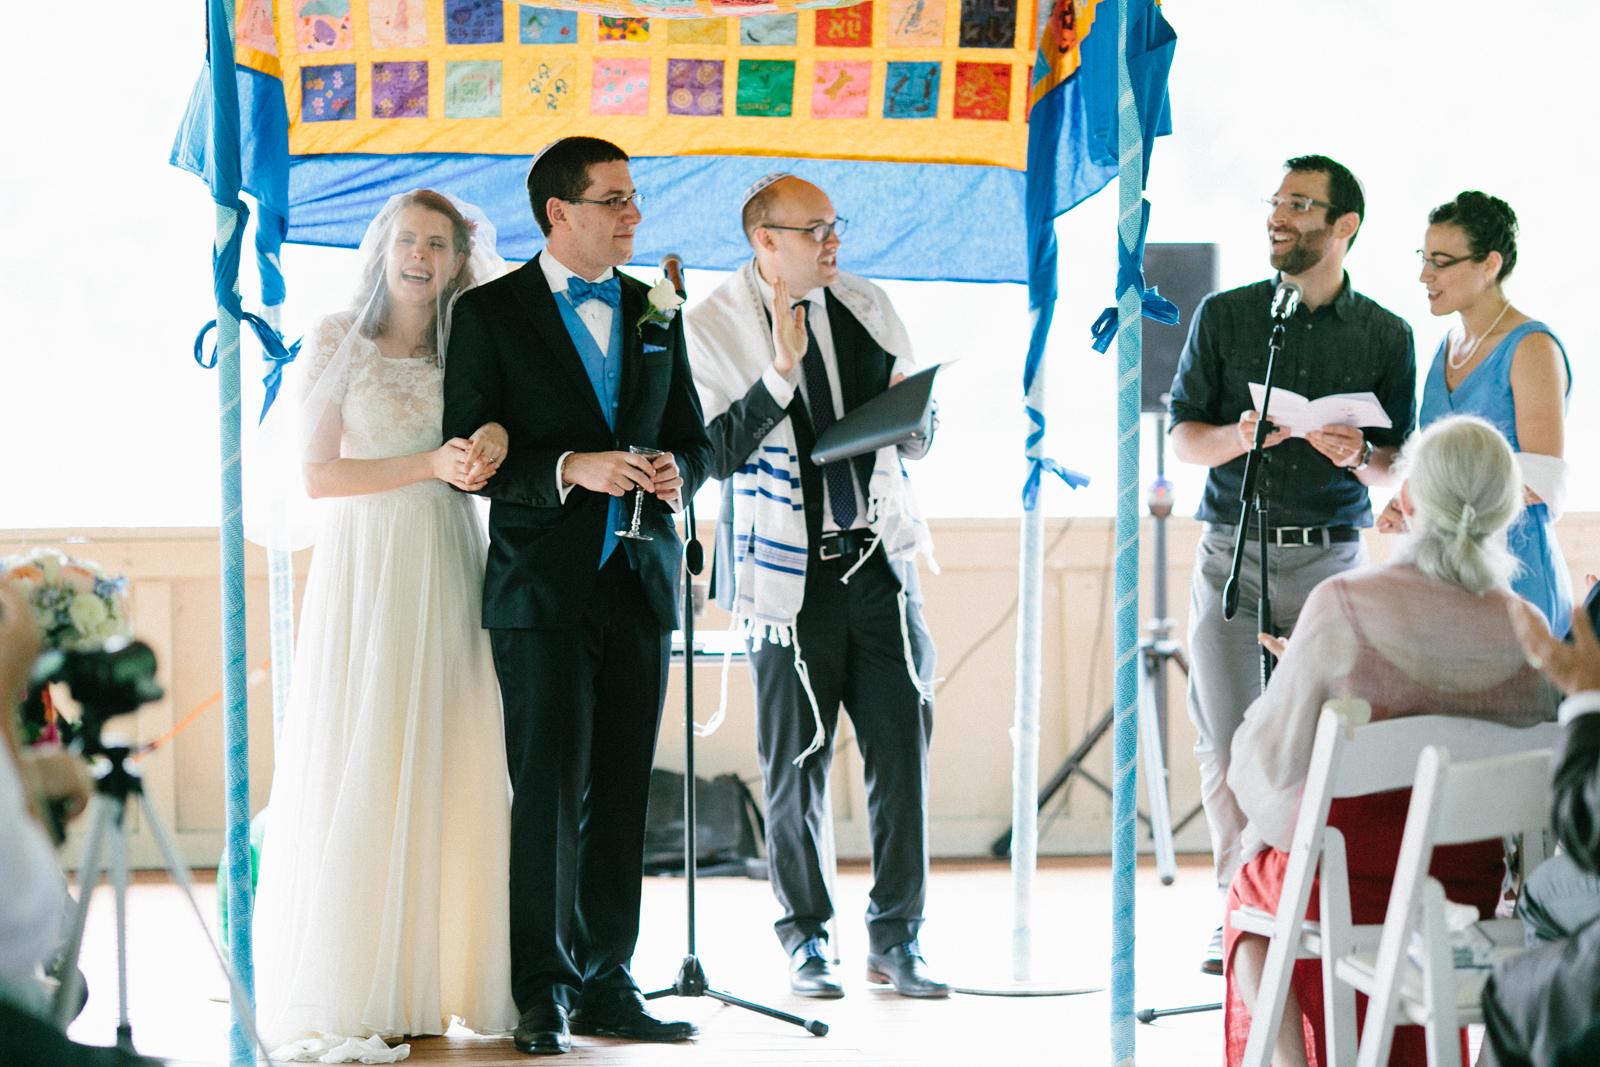 wedding ceremony readings